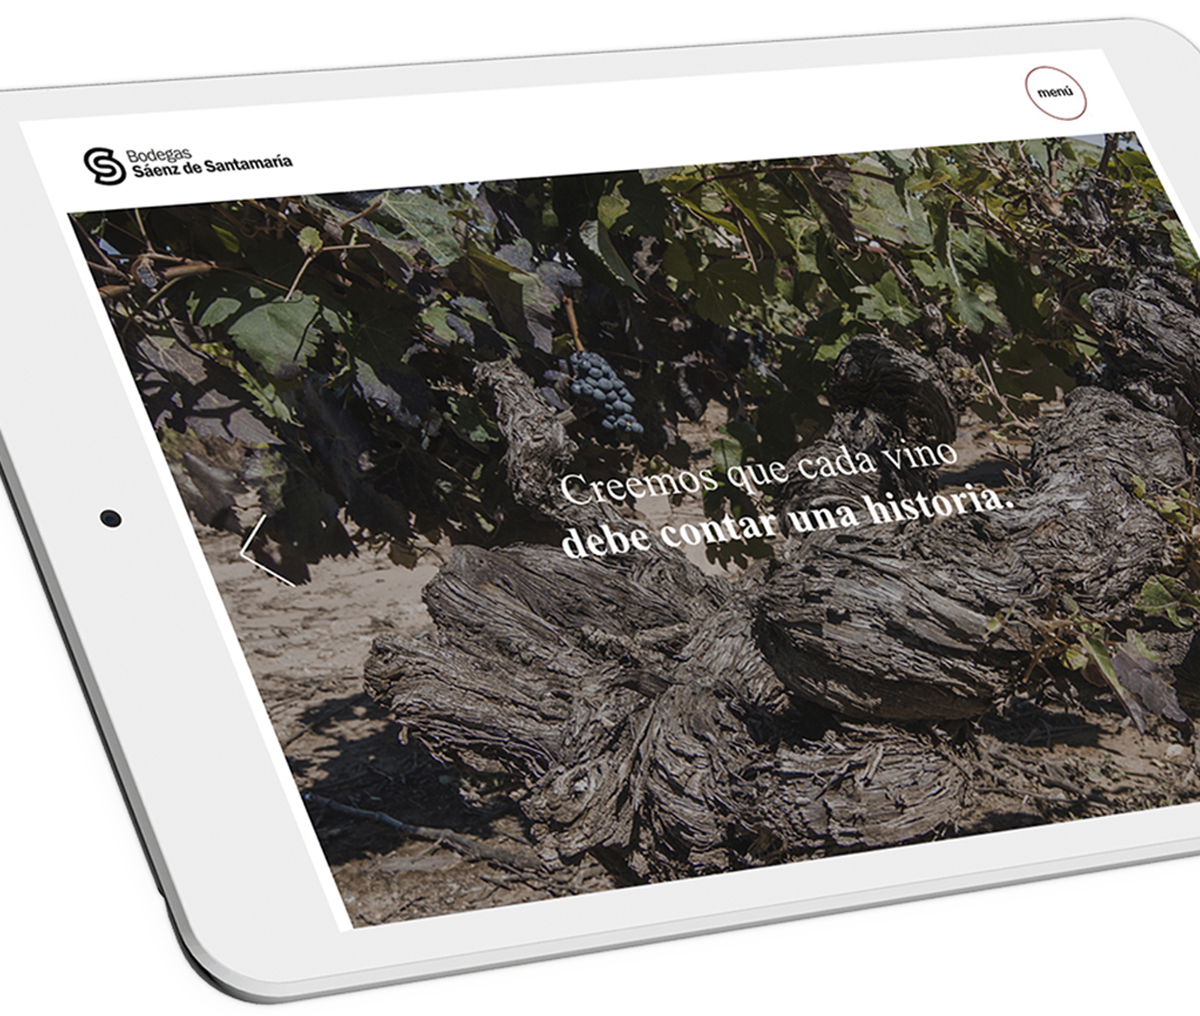 Ilustración y diseño web con tienda online para bodega riojana de Cenicero. Saenz de Santa María.